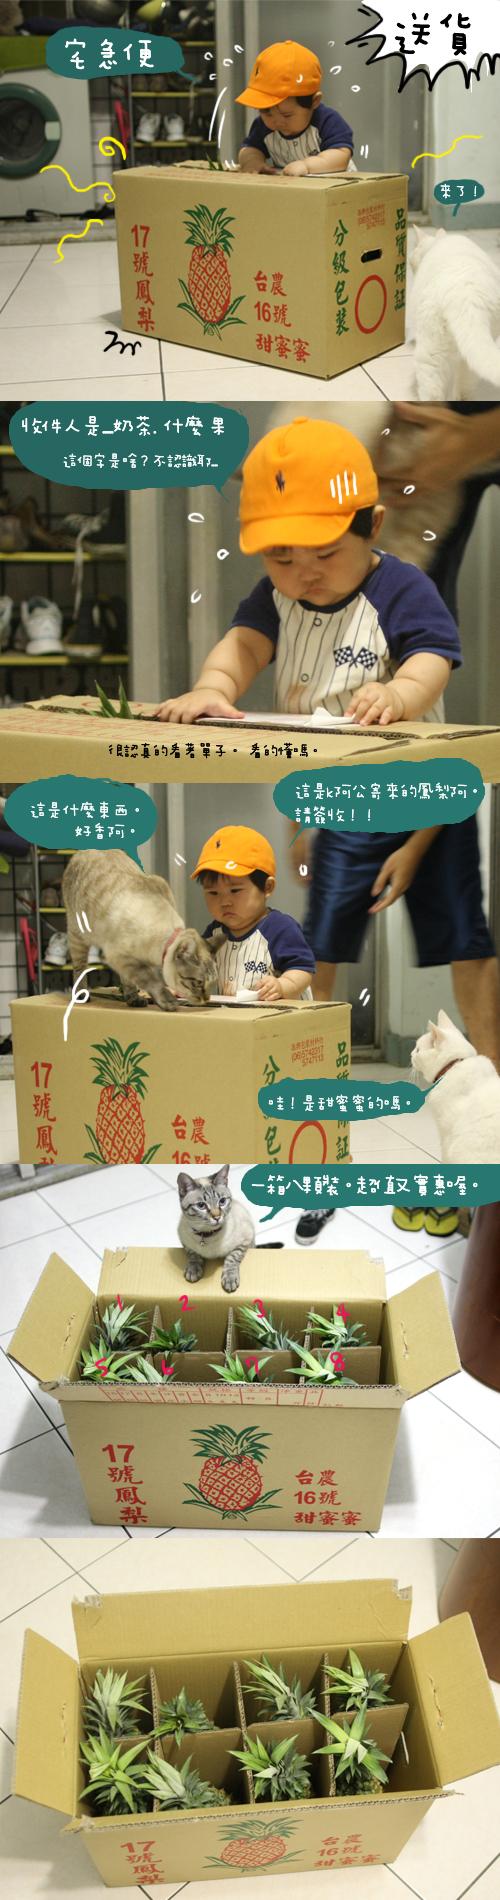 20080513鳳梨_002